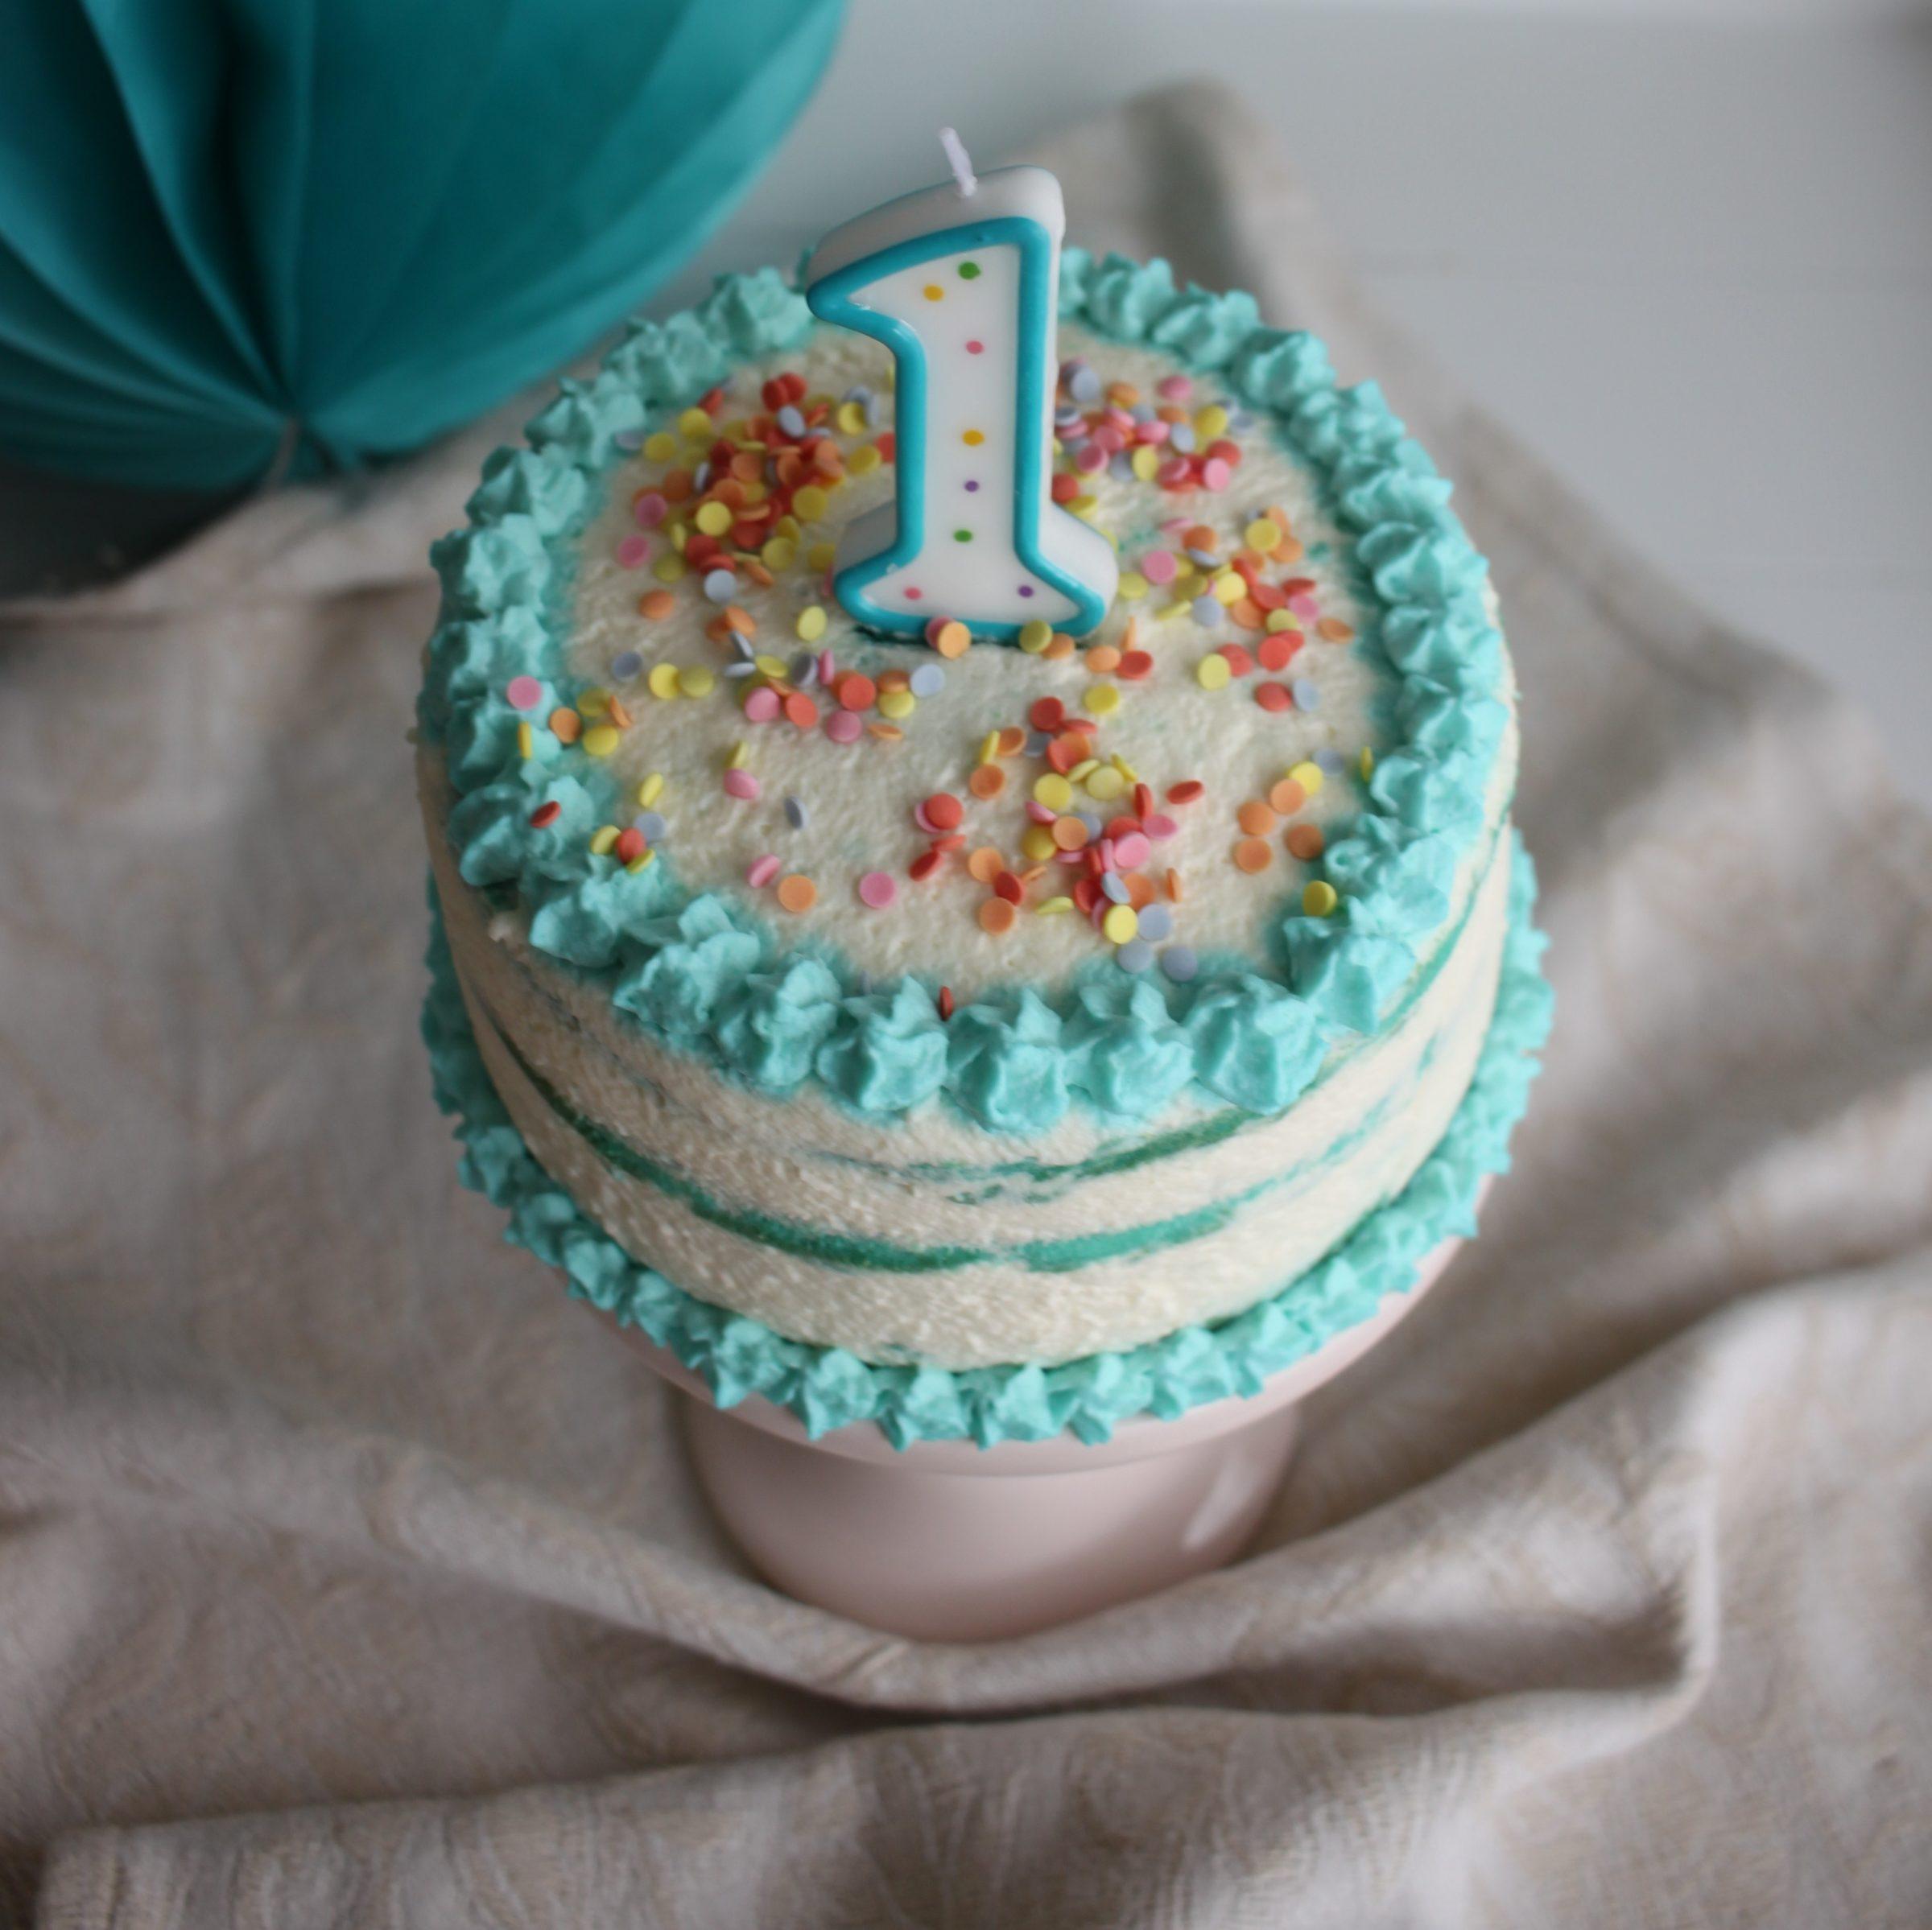 Cake Smash Torte, Ganz Einfach Selbst Herstellen über Geburtstagstorte Für Jungs